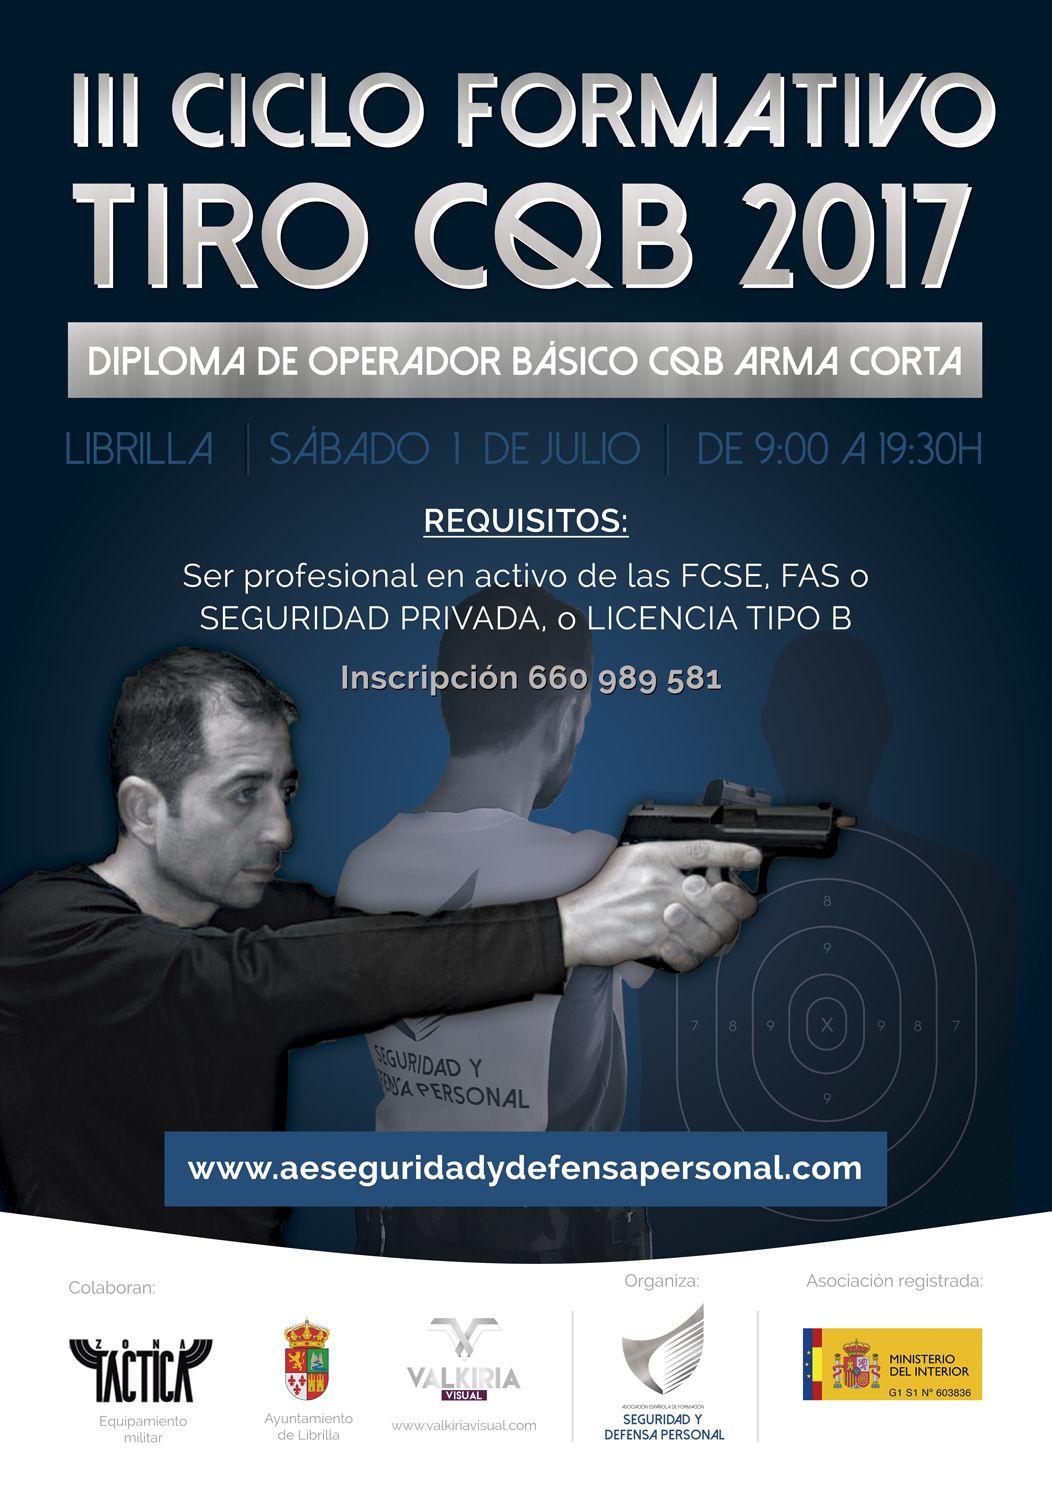 III Ciclo de Formación de Operadores CQB Arma Corta 2017.